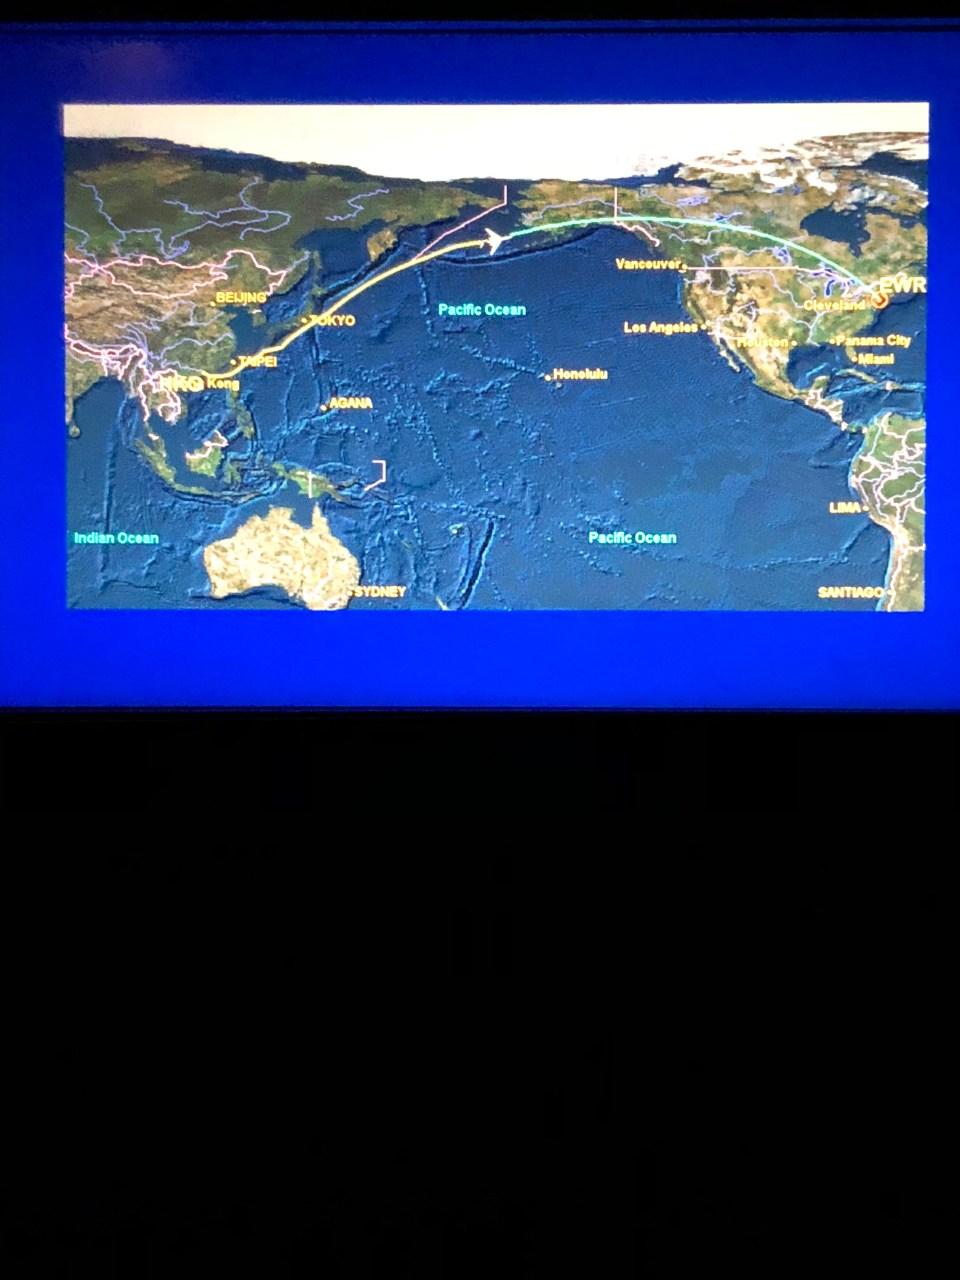 Hong Kong to New Jersey flight map